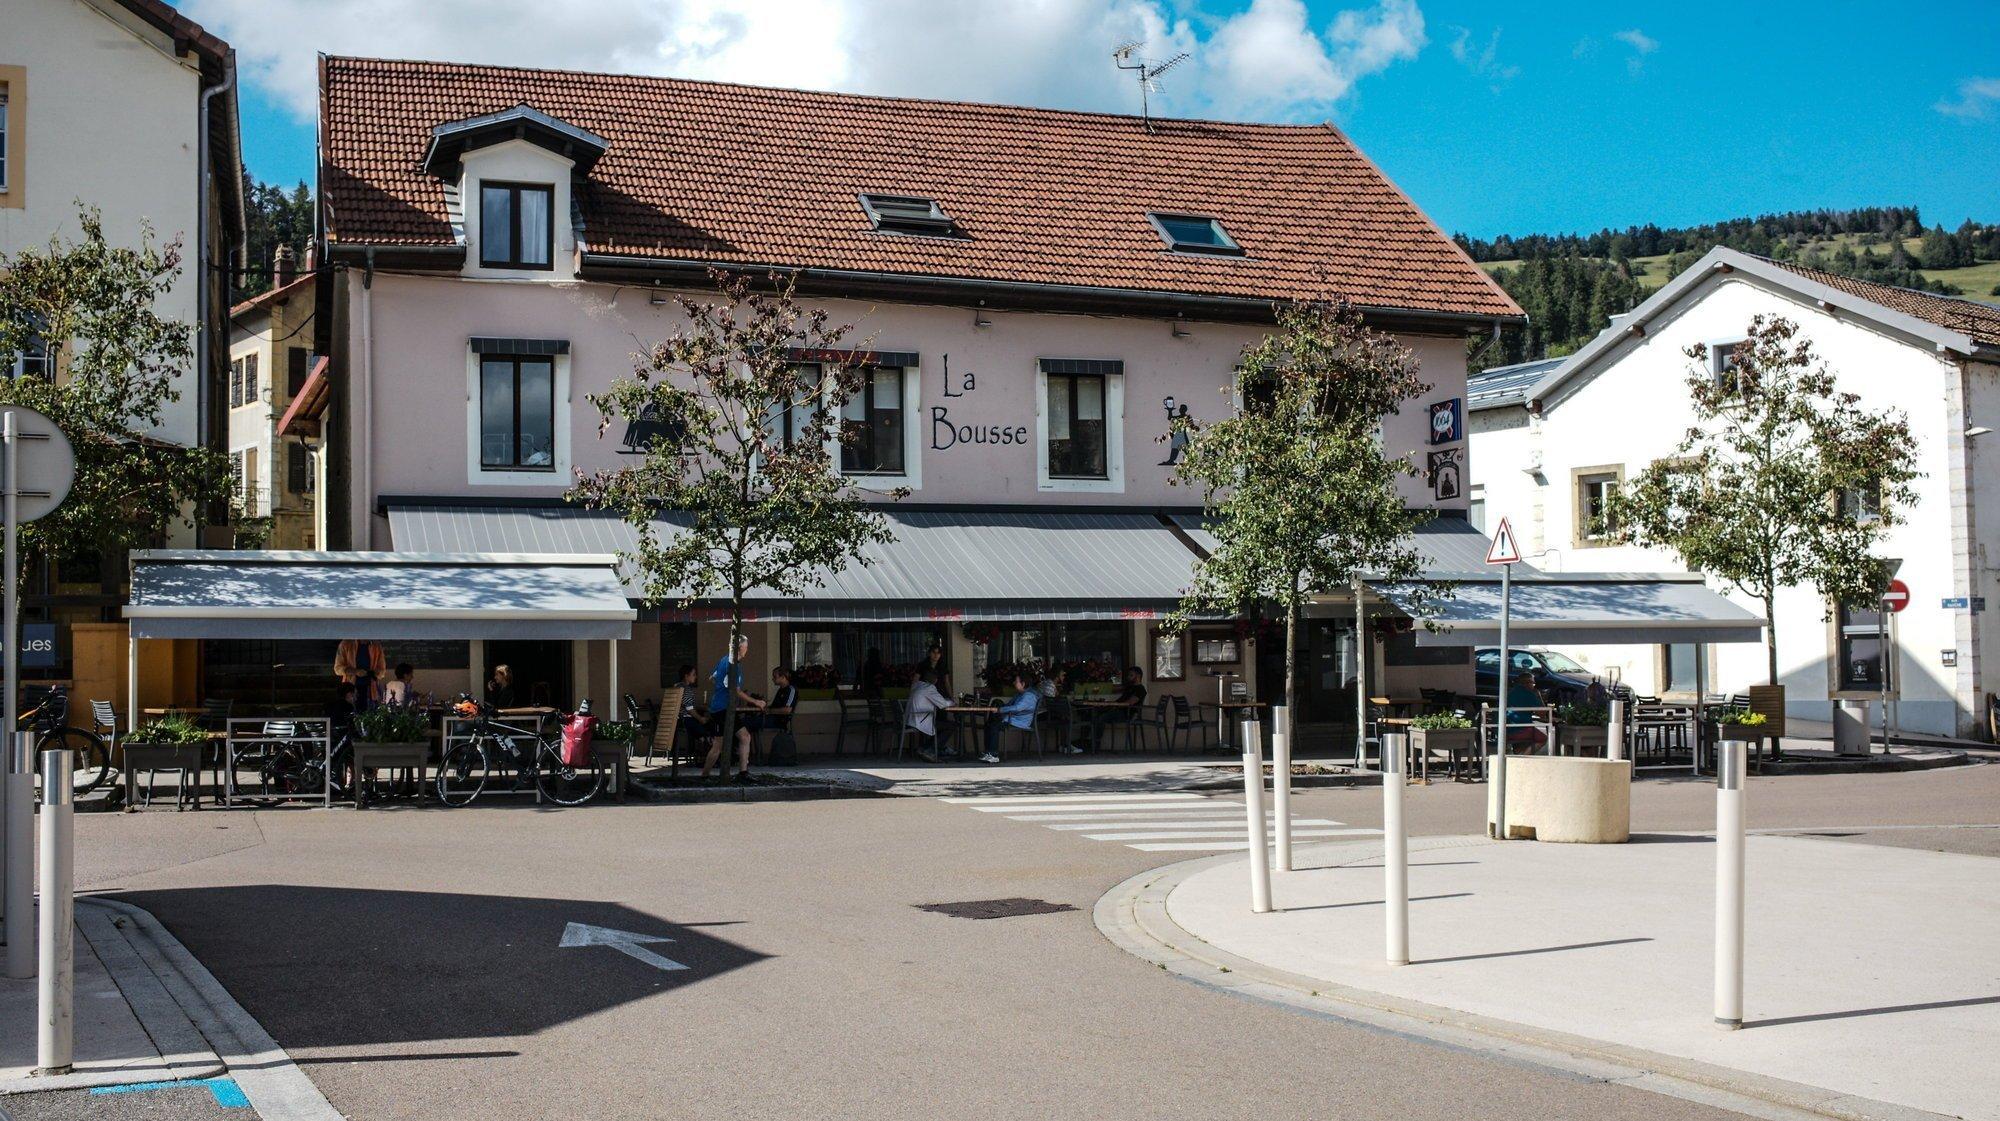 Régime strict du pass Covid dans les cafés-restaurants: le bilan en France voisine